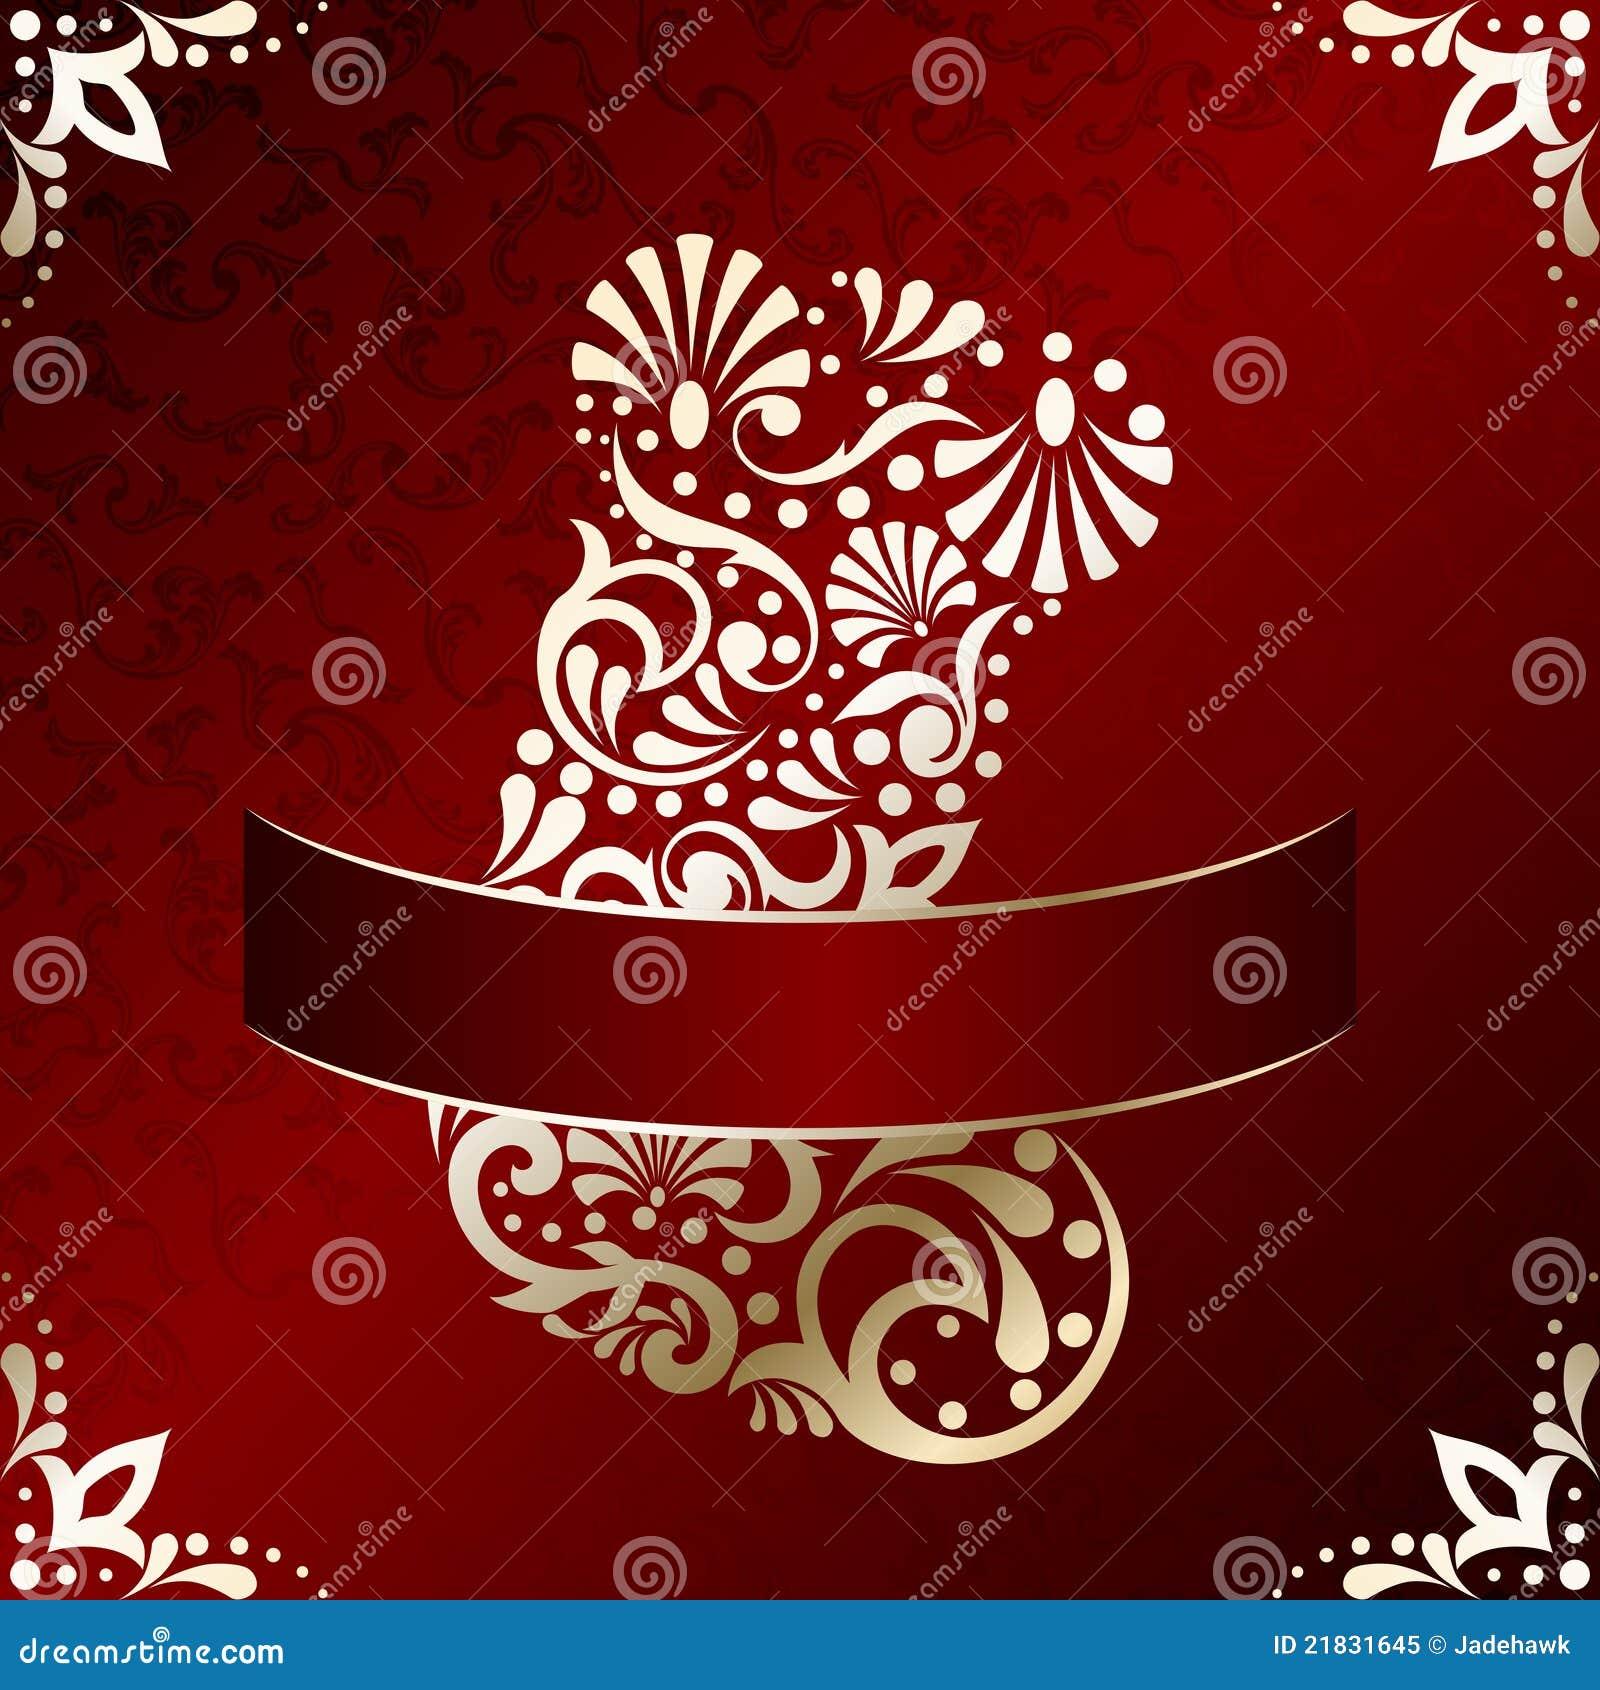 Tarjeta de navidad elegante con la media afiligranada foto - Tarjetas de navidad elegantes ...